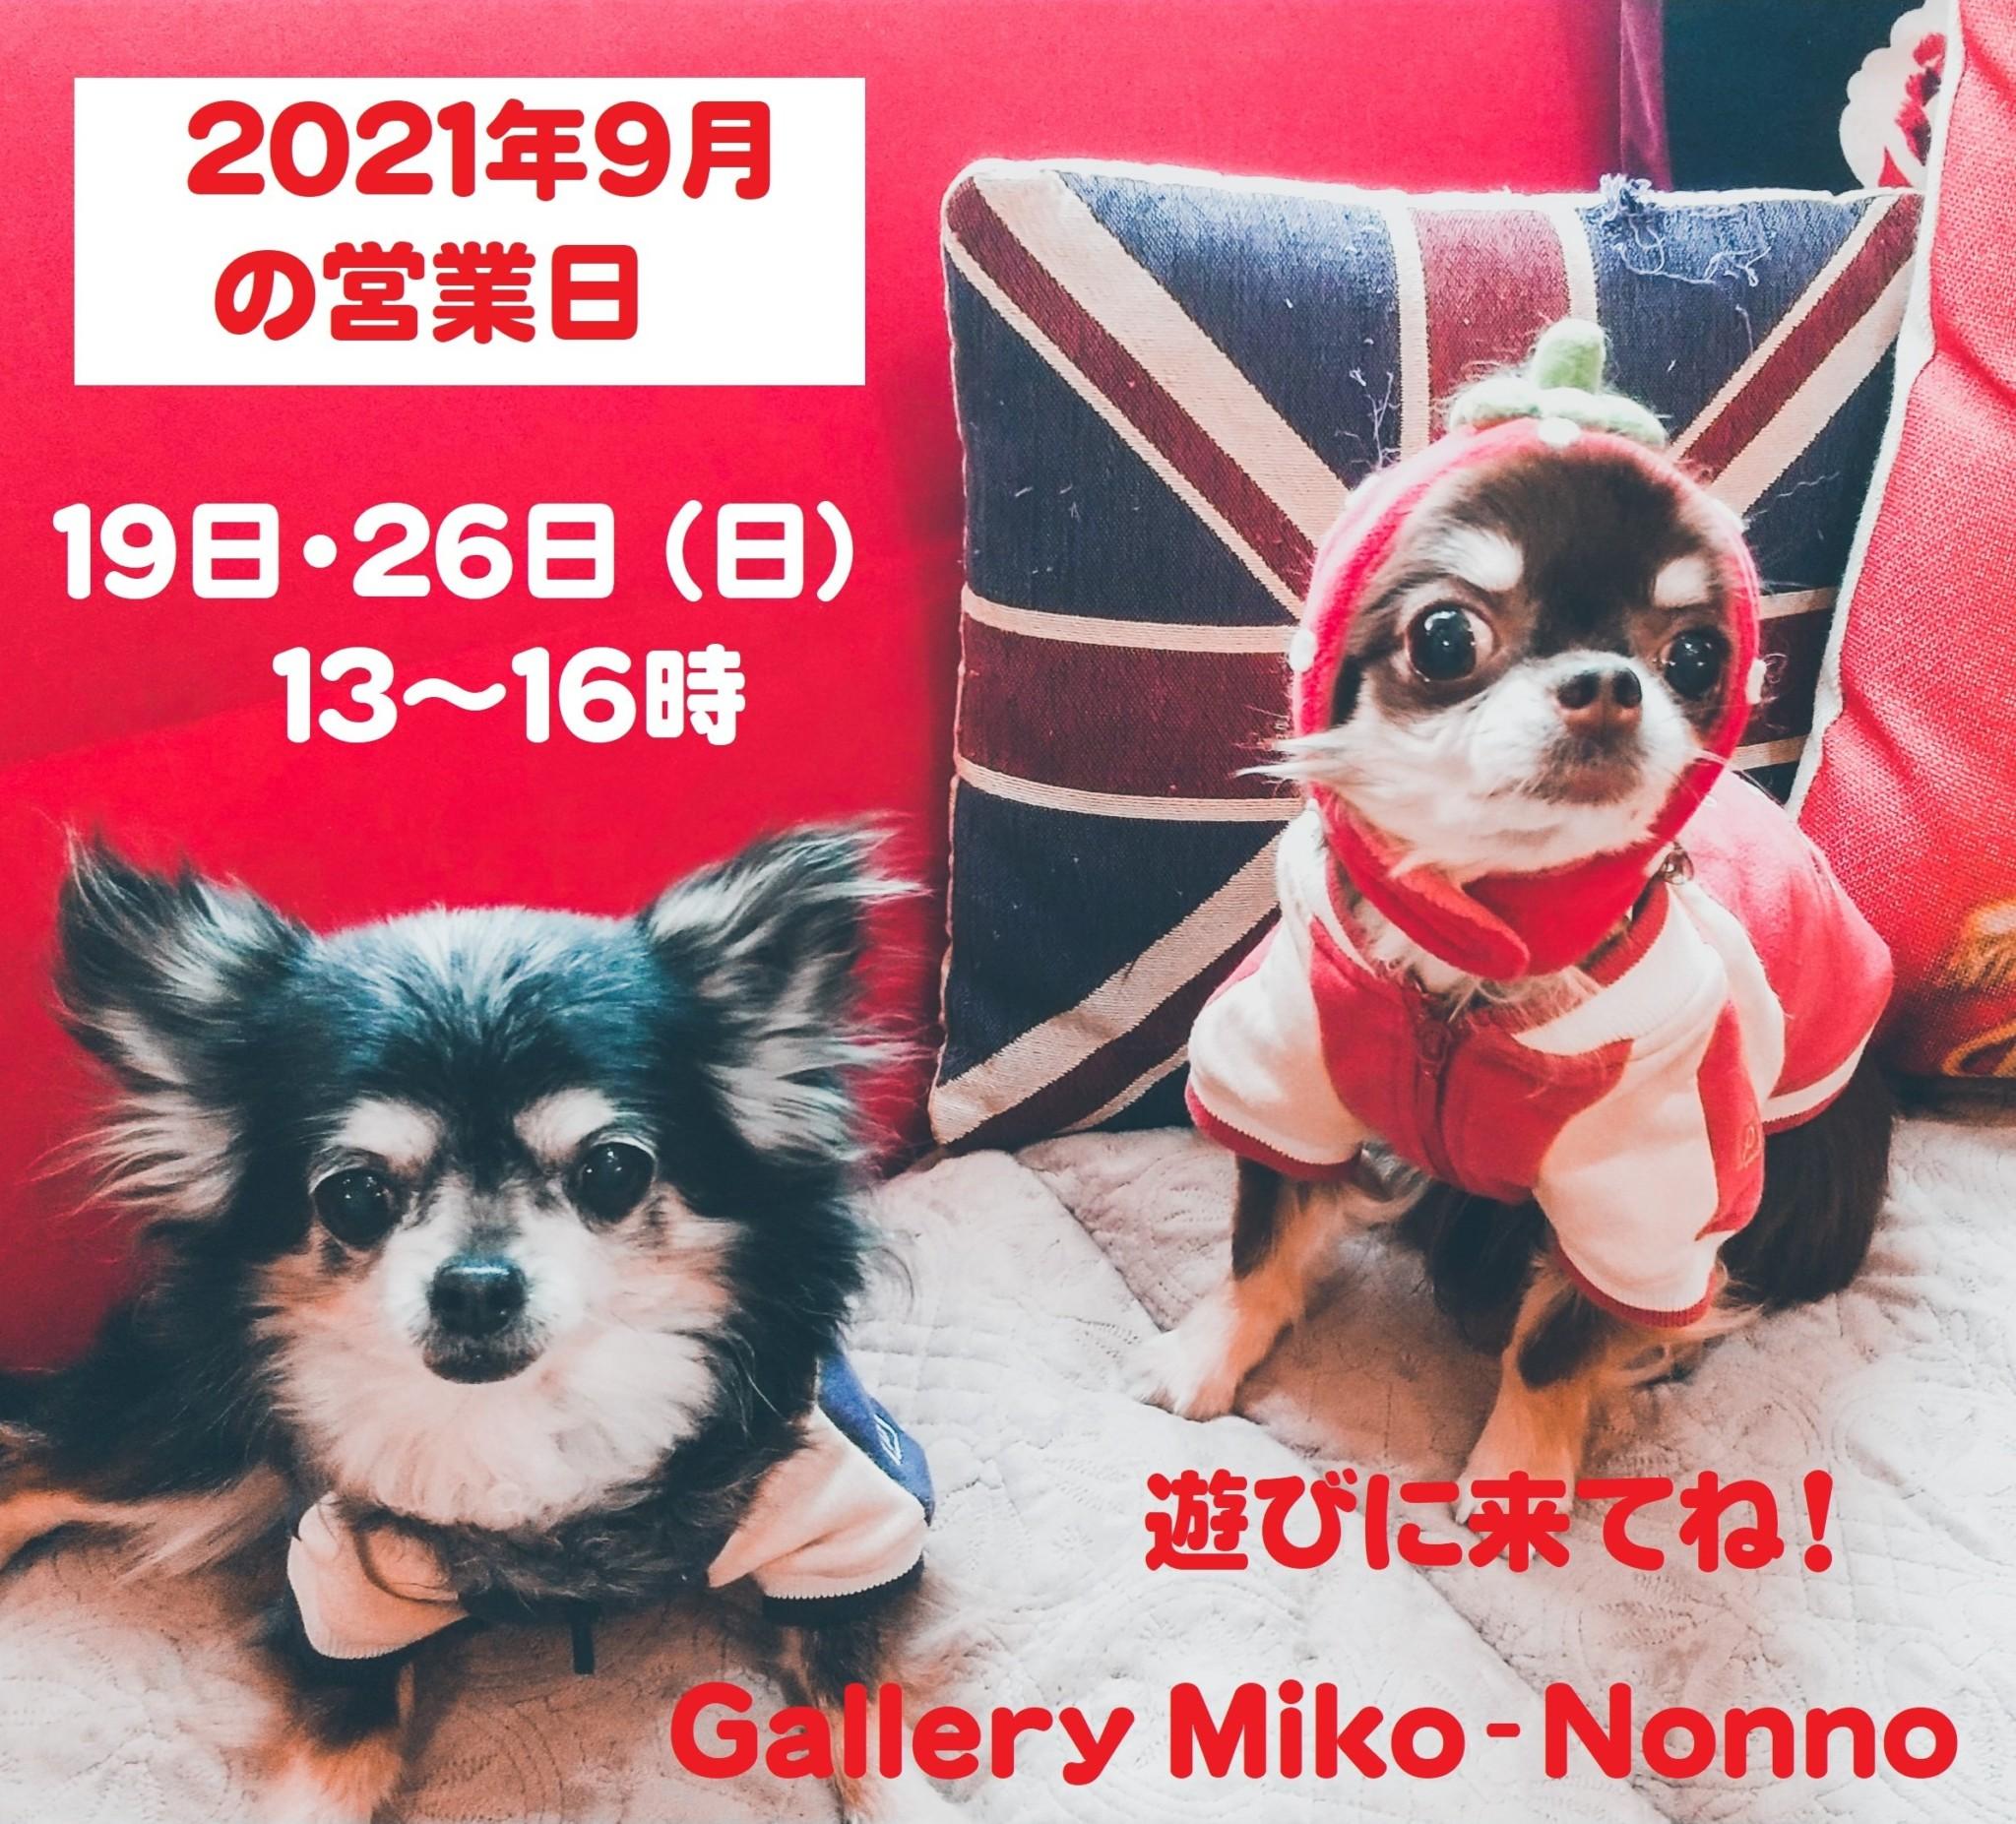 おうちショップ9月の営業予定で~す!